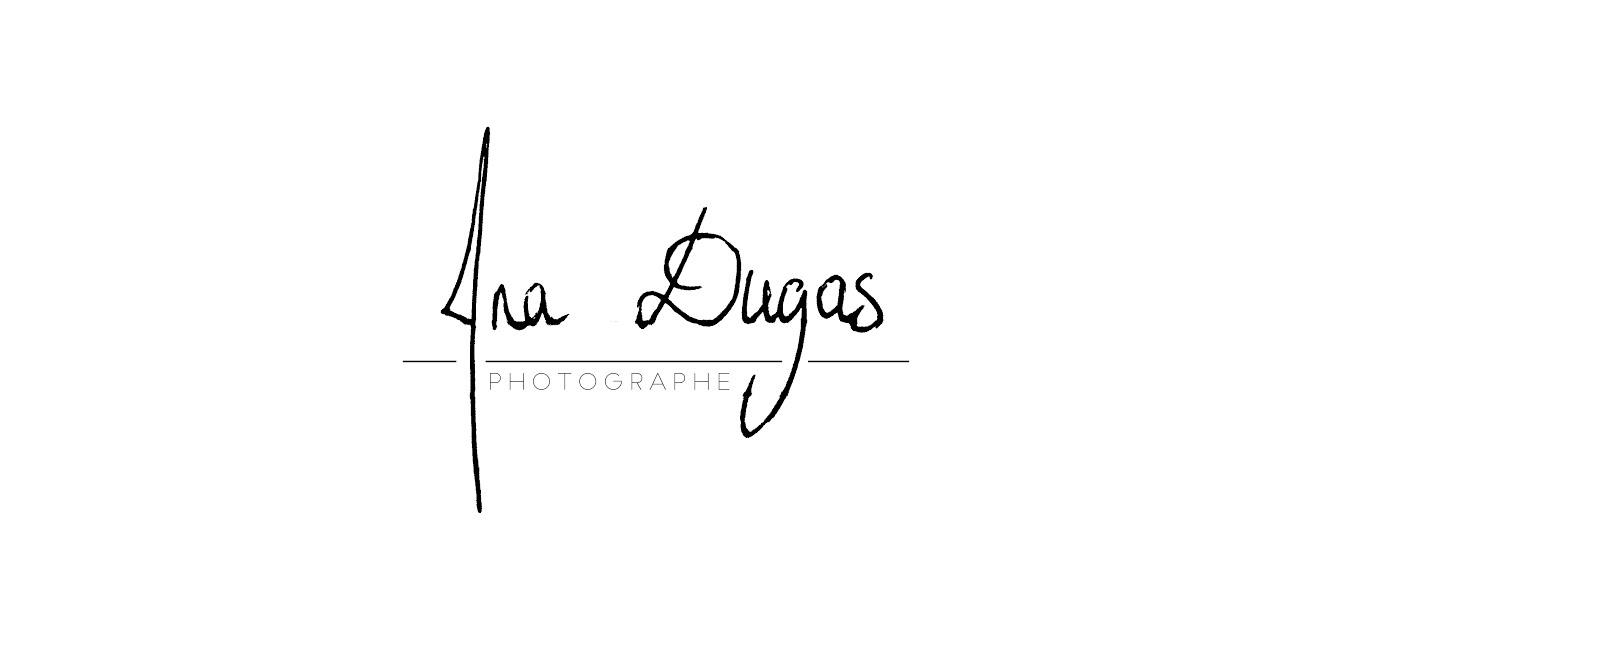 Ana Dugas